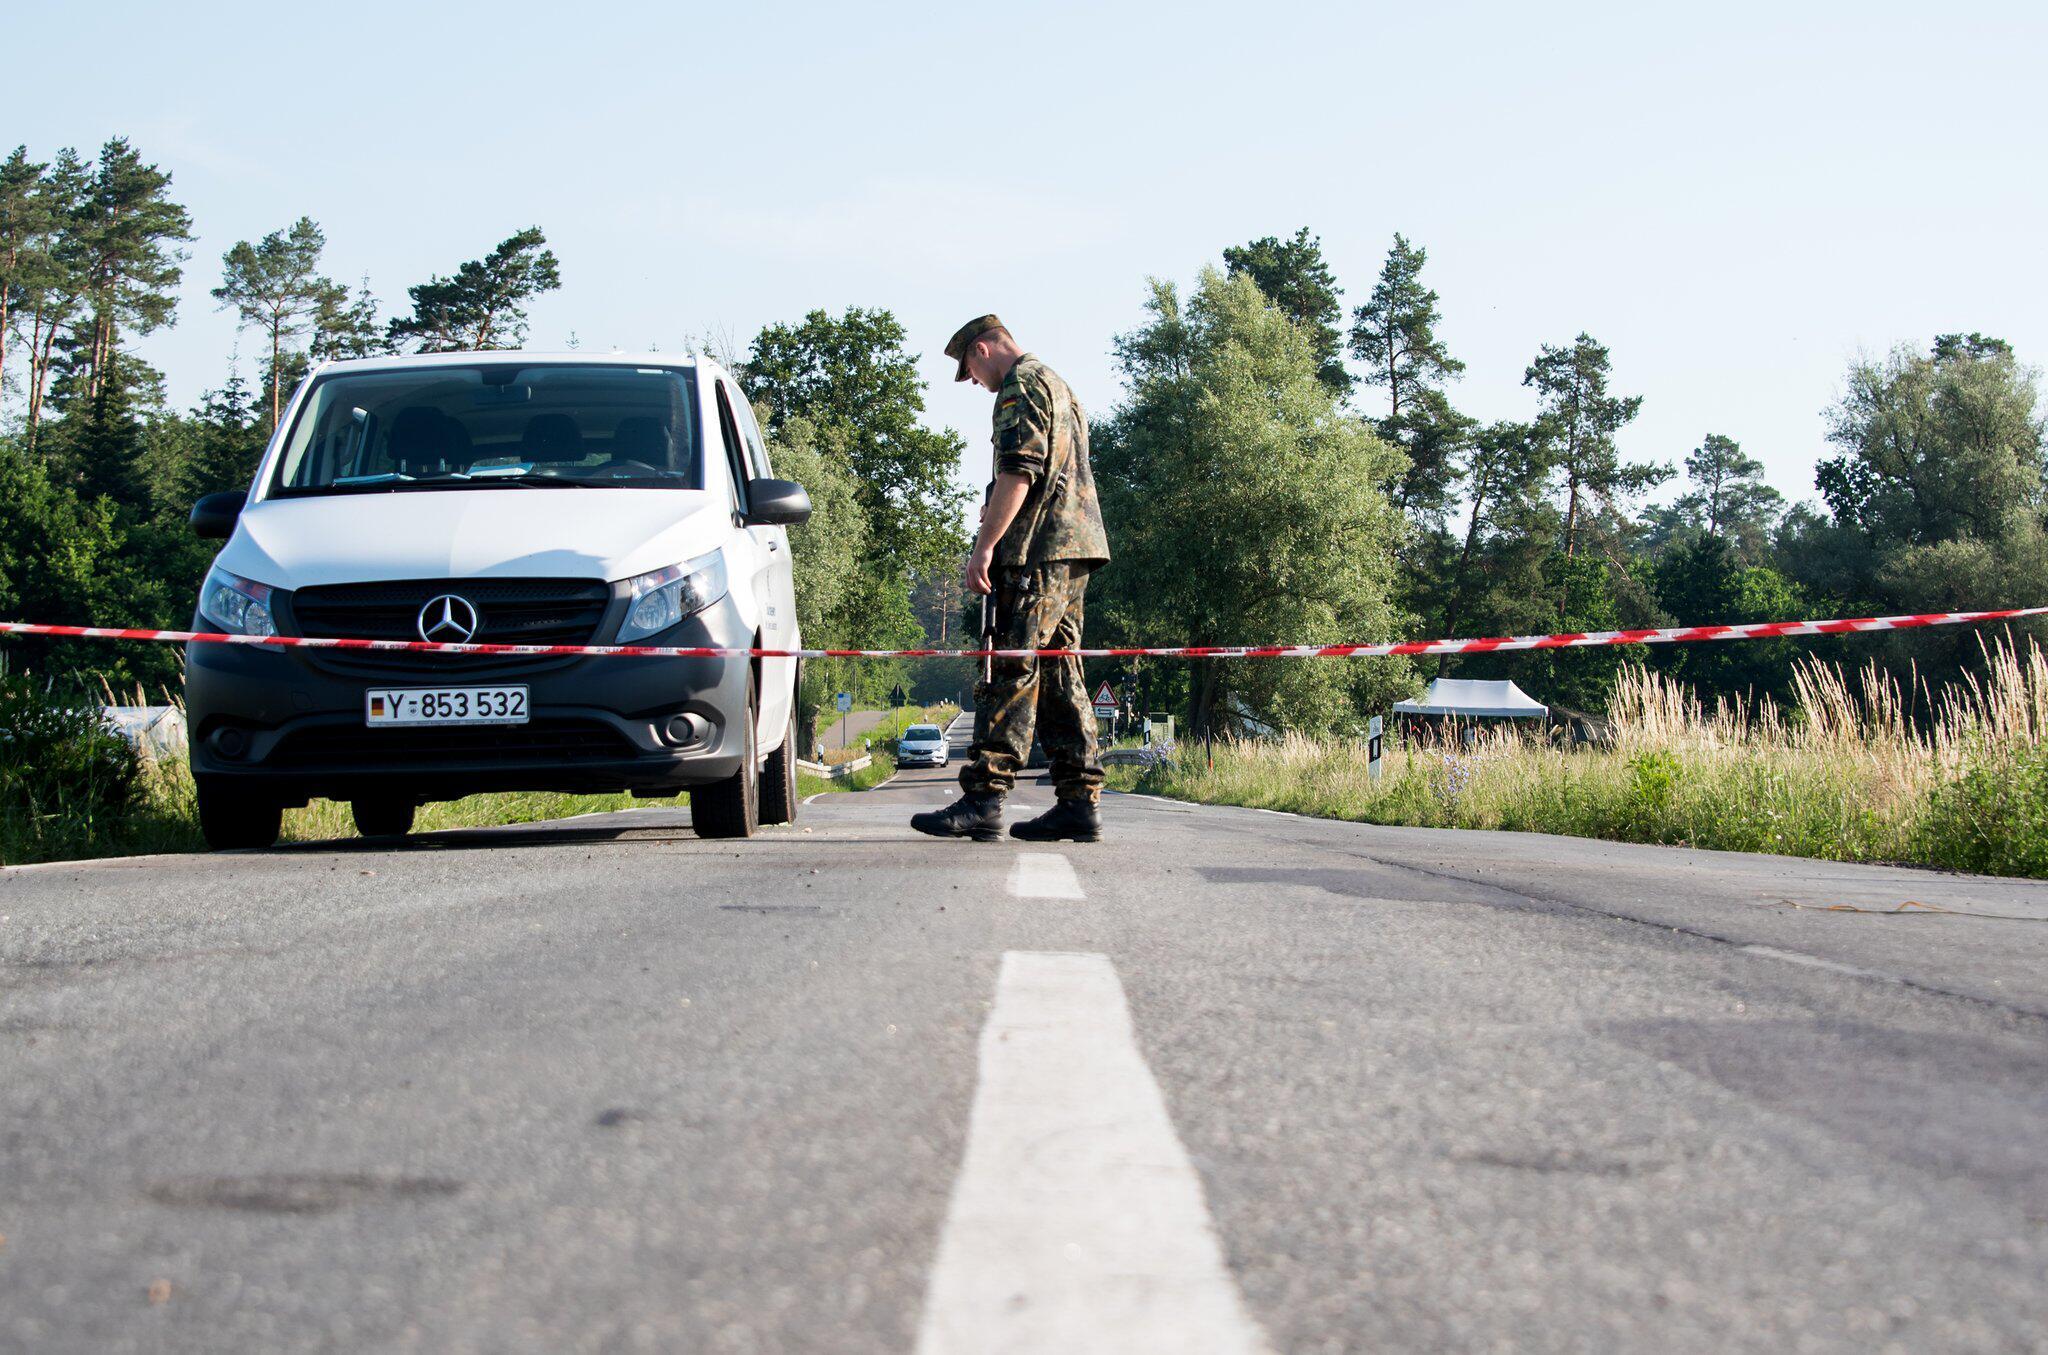 Bild zu After Eurofighter crash